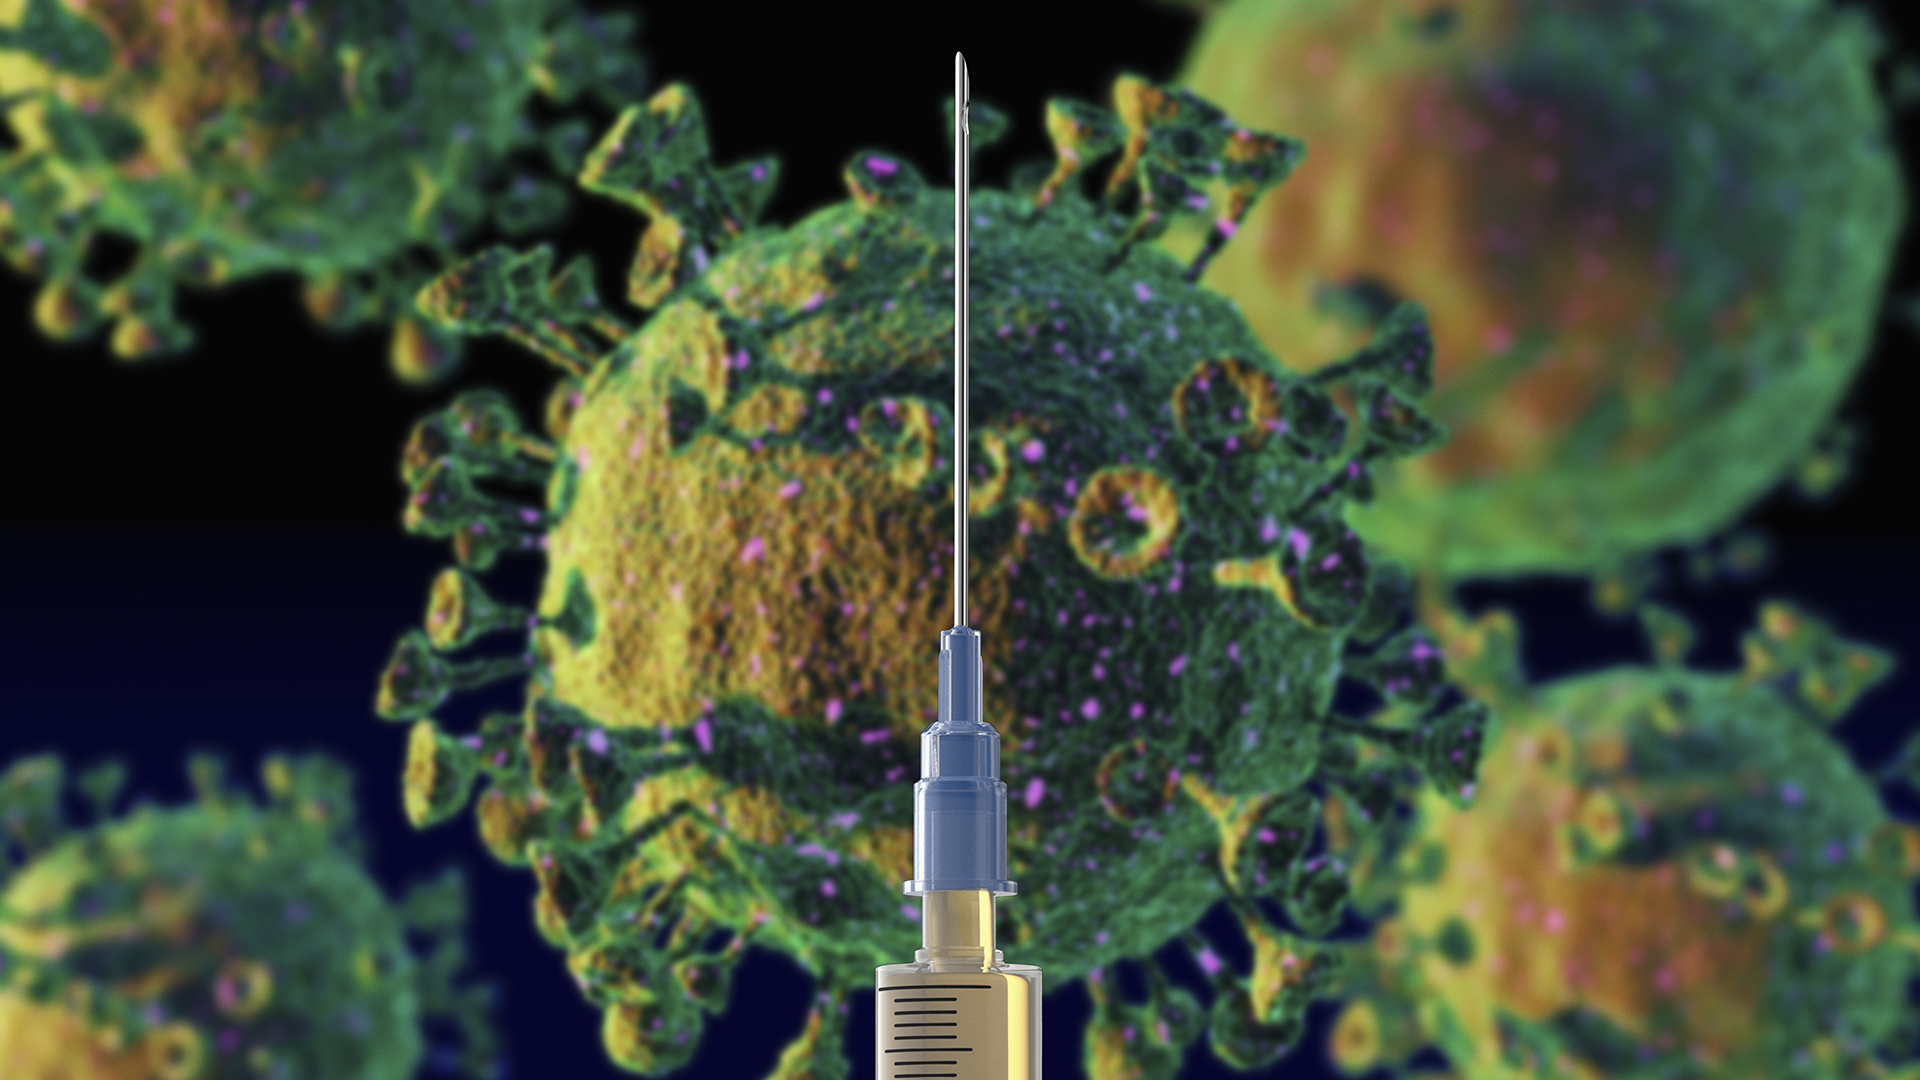 95 százalékos hatékonyságú koronavírus-vakcinát mutattak be